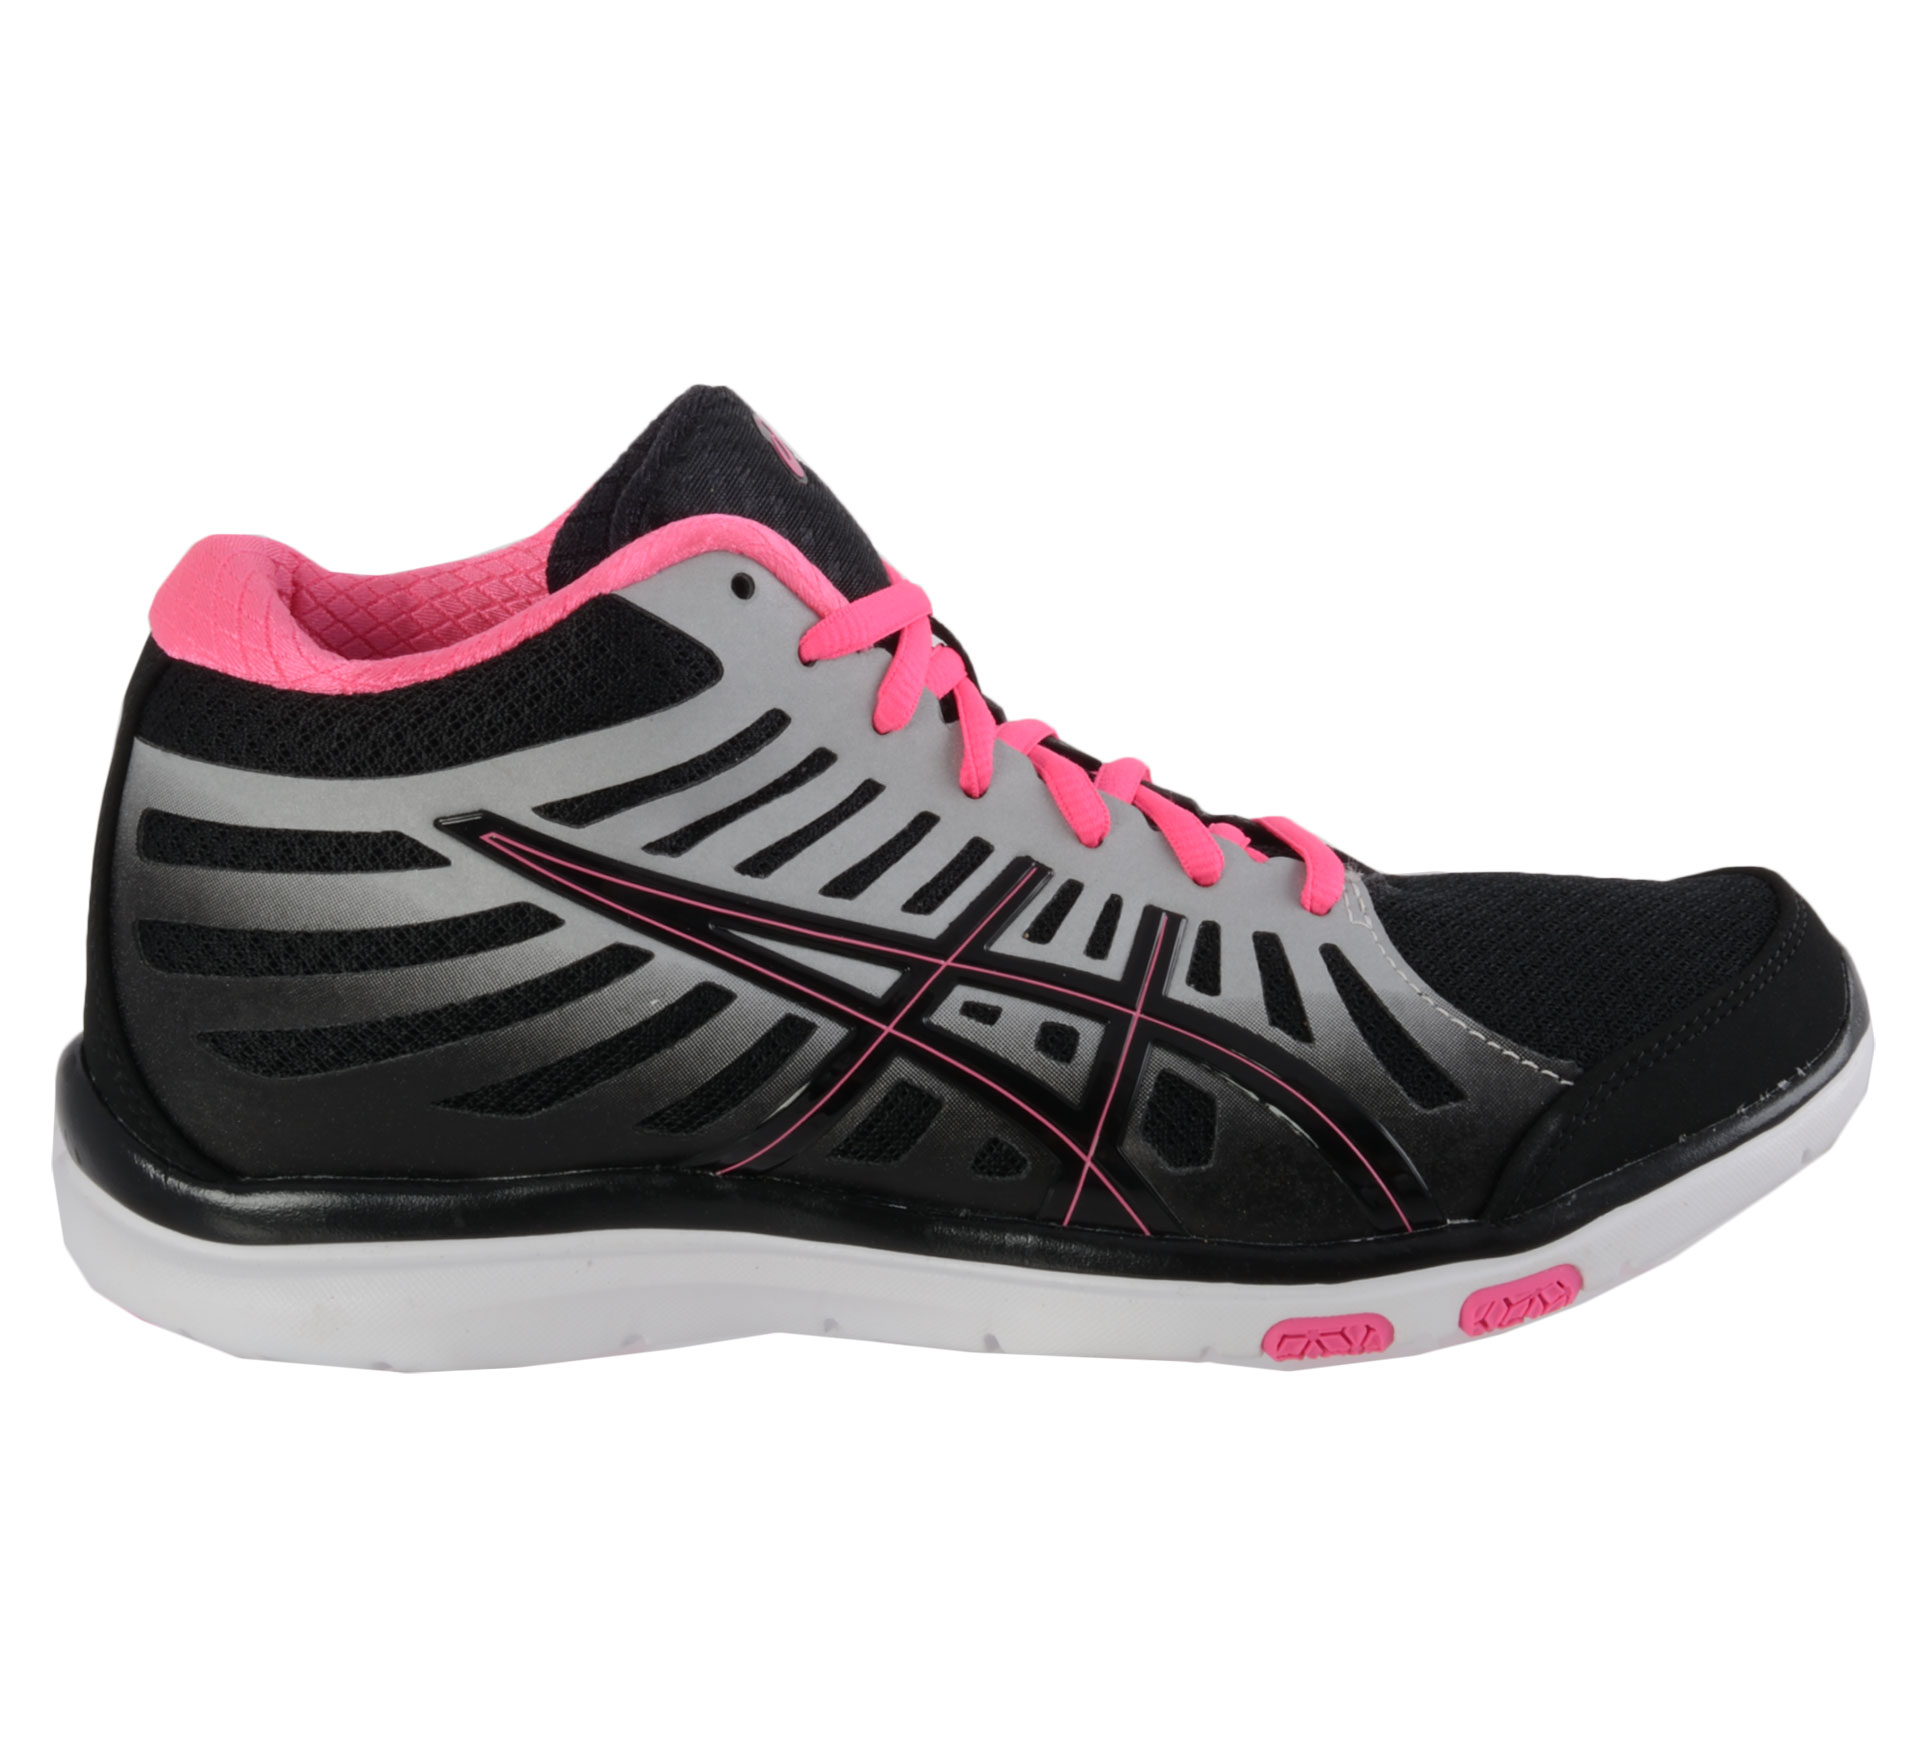 Asics Ayami-Motion MT Fitness Schoenen Dames zwart - zilver - roze